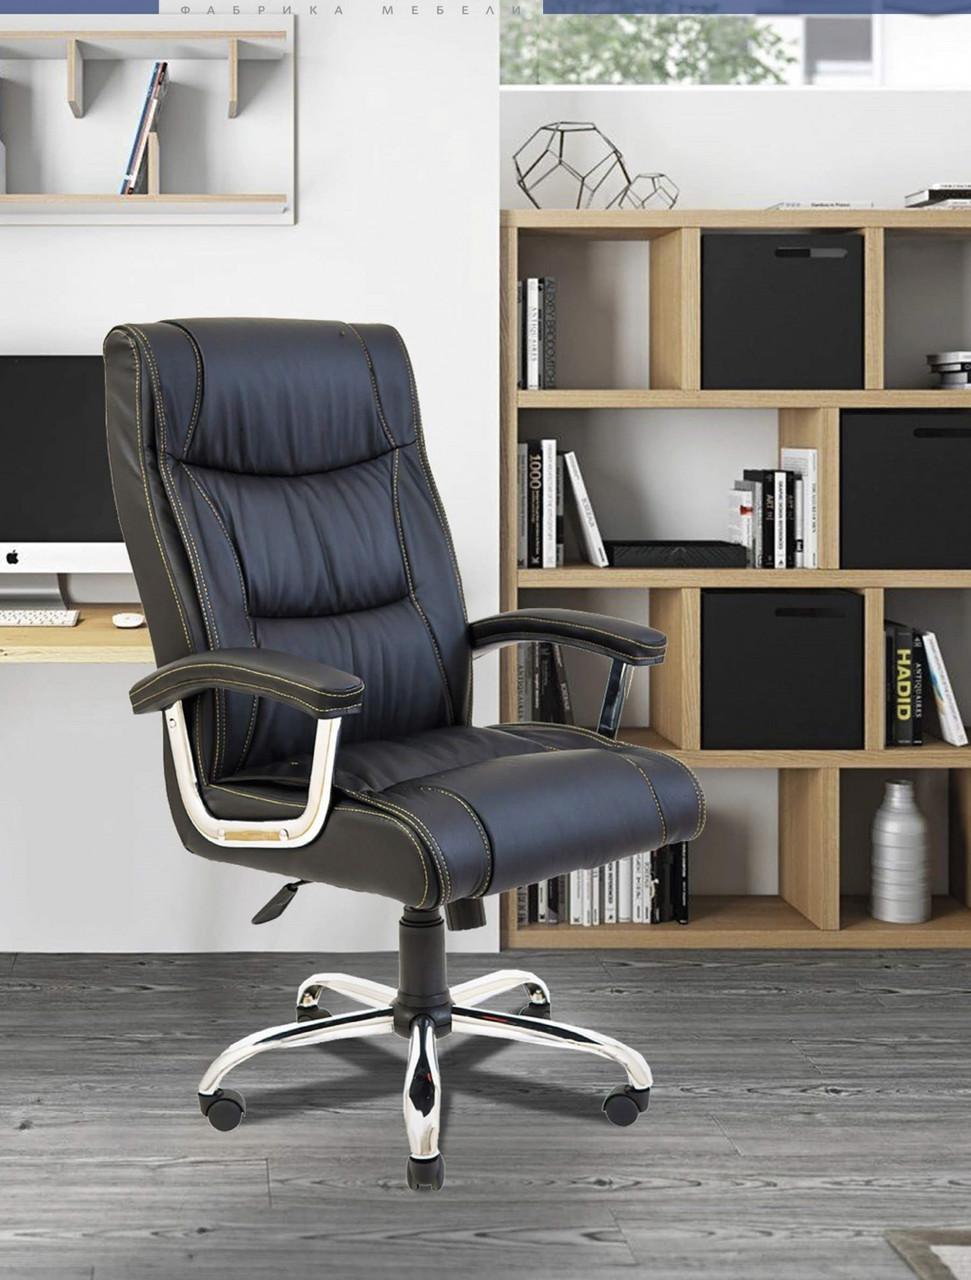 Офисное Кресло Руководителя Richman Майами Флай 2230 Хром М1 Tilt Черное